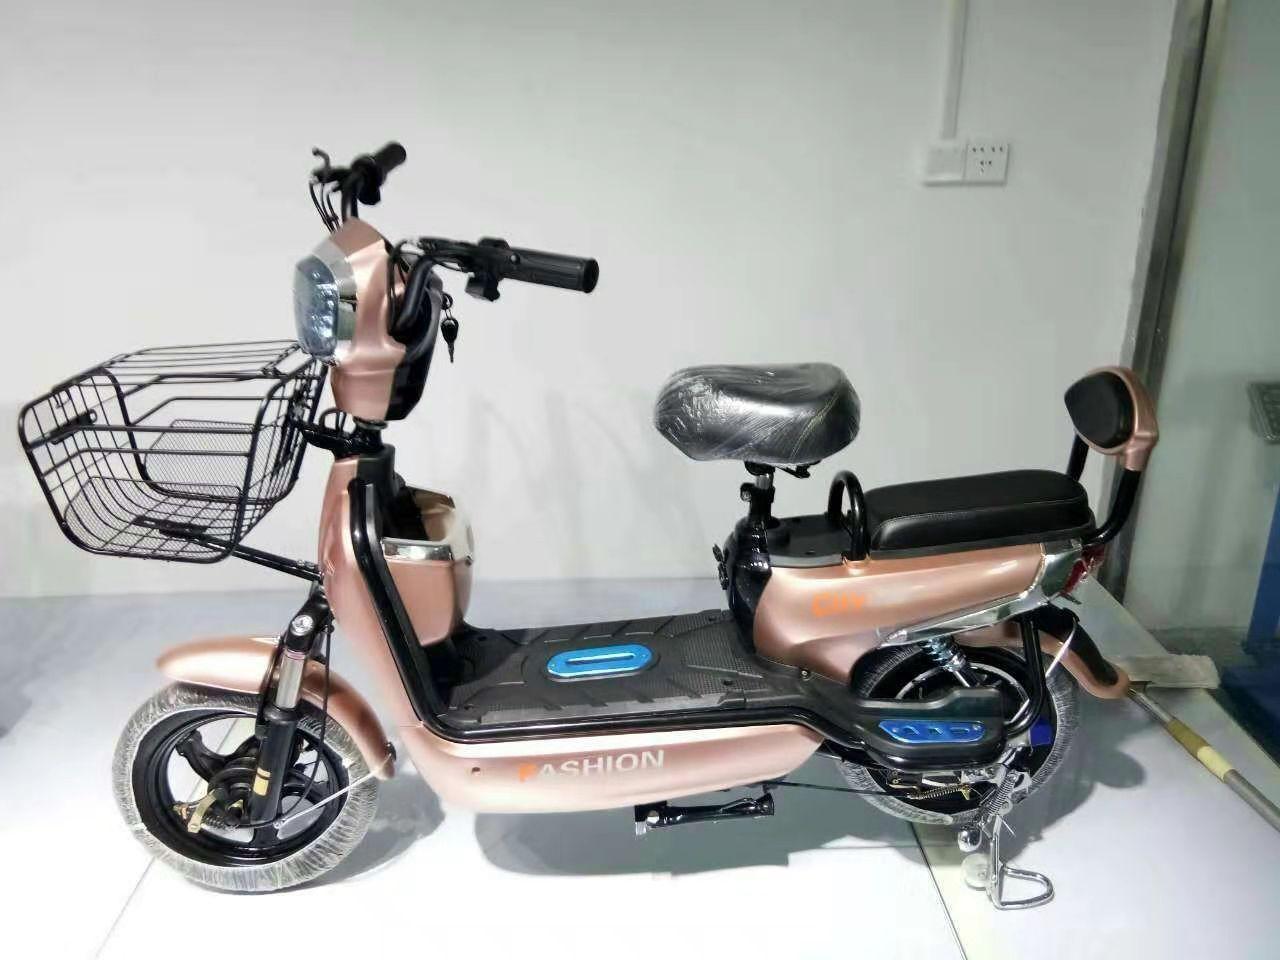 2019 новый модный дешевый Электрический велосипед с поворотным сигналом 48 В для продажи